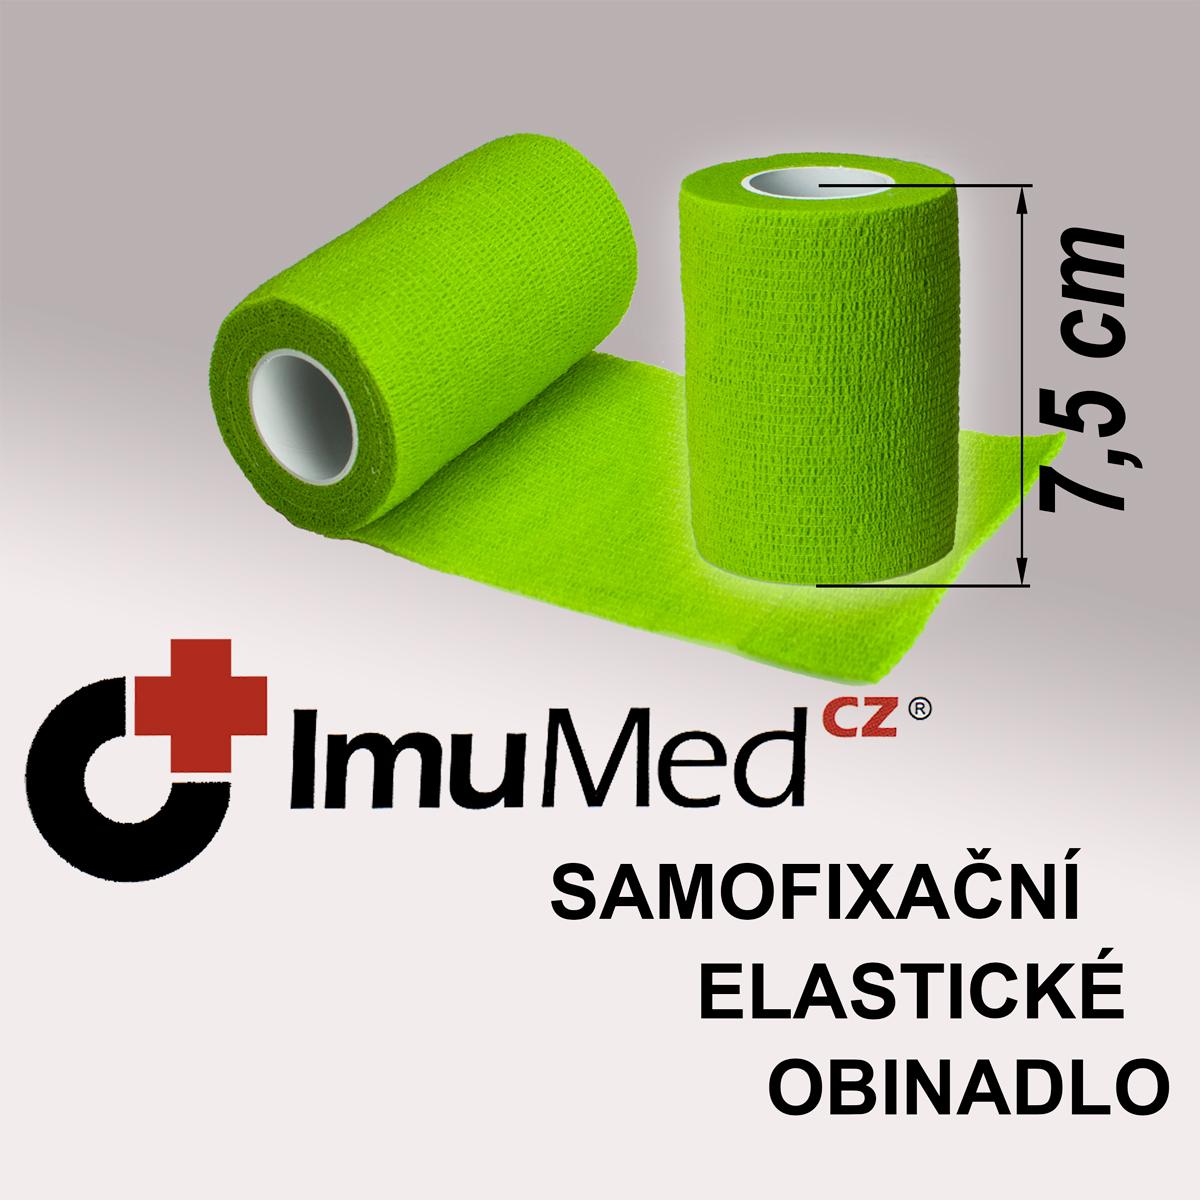 ImuMedCZ samofixační elastické obinadlo 7,5cm x 4,5m ZELENÁ barva ImuMedCZ samodržící elastické obinadlo 7,5cm x 4,5m ZELENÁ barva